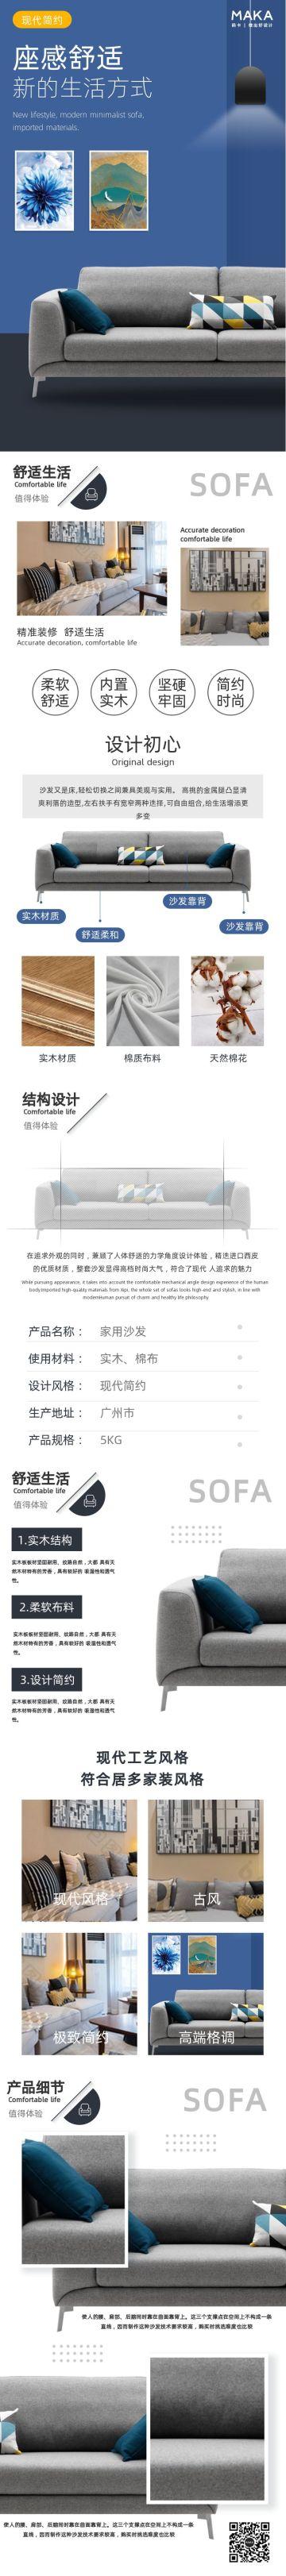 蓝色简约舒适沙发现代简约风格时尚家居家装淘宝宝贝详情页模版